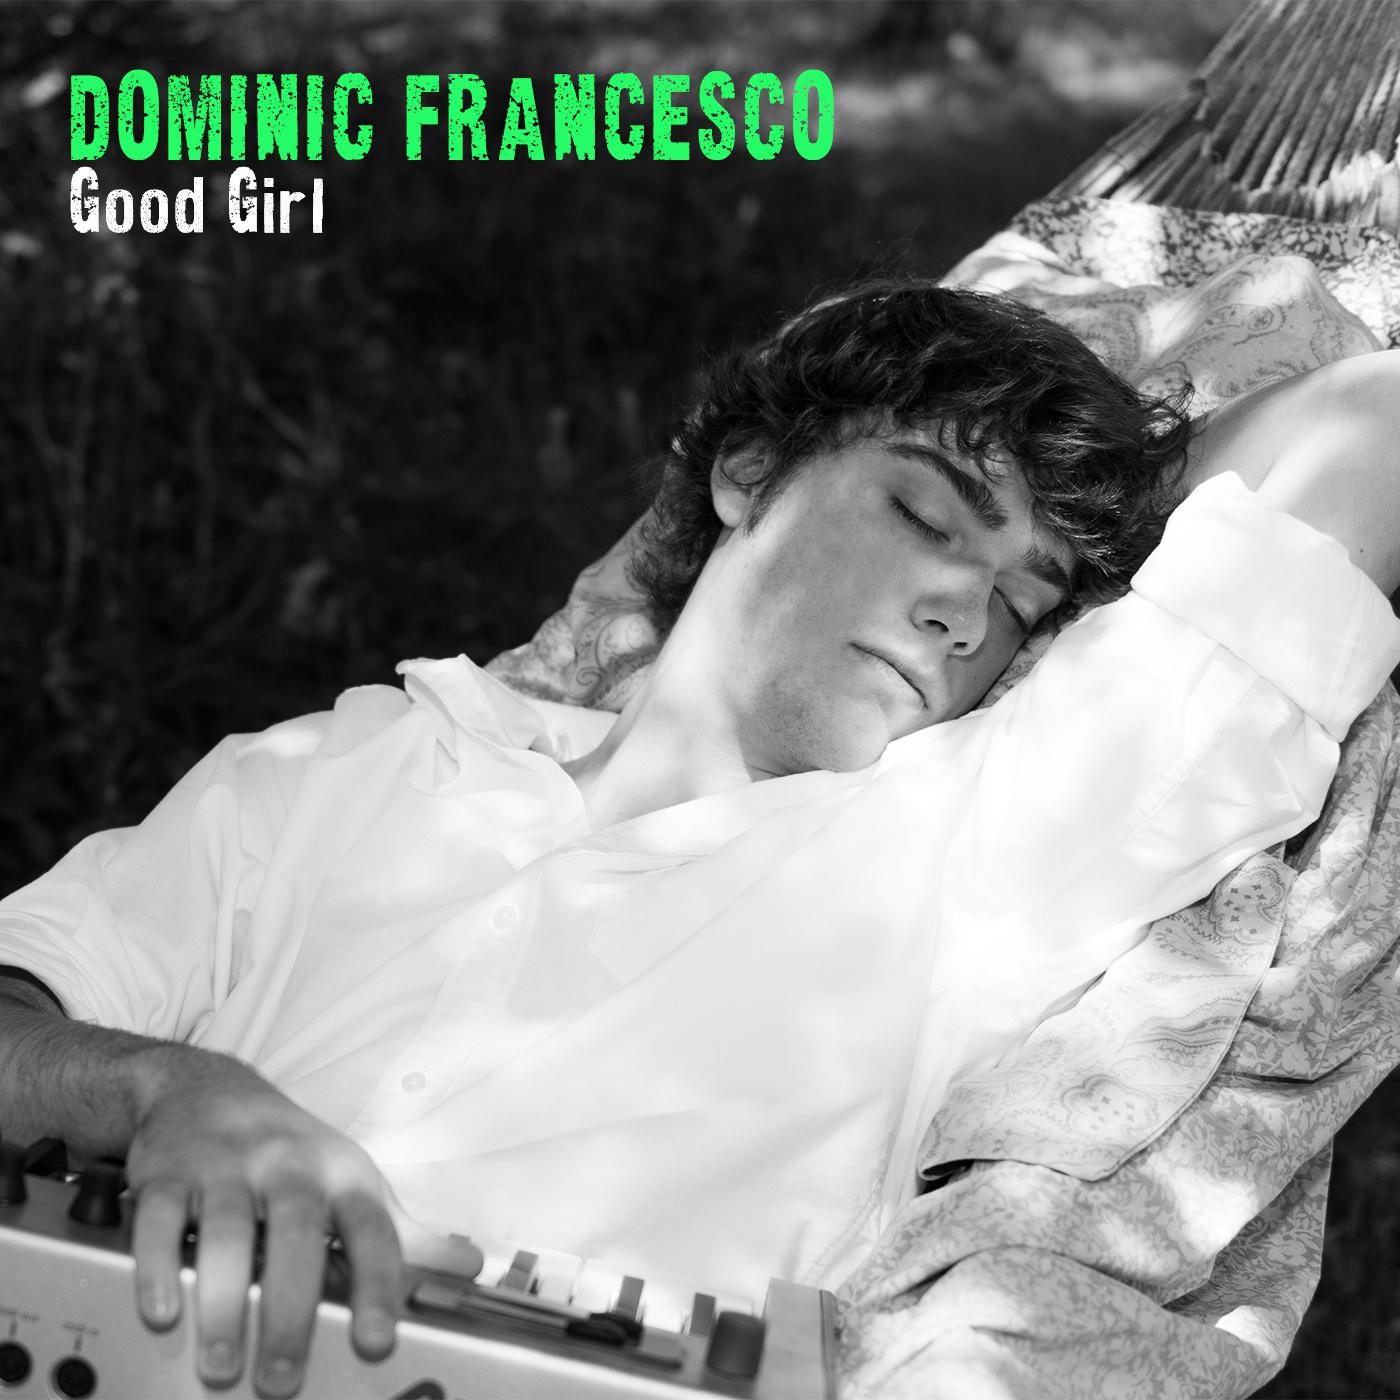 Dominic Francesco Good Girl final.jpg